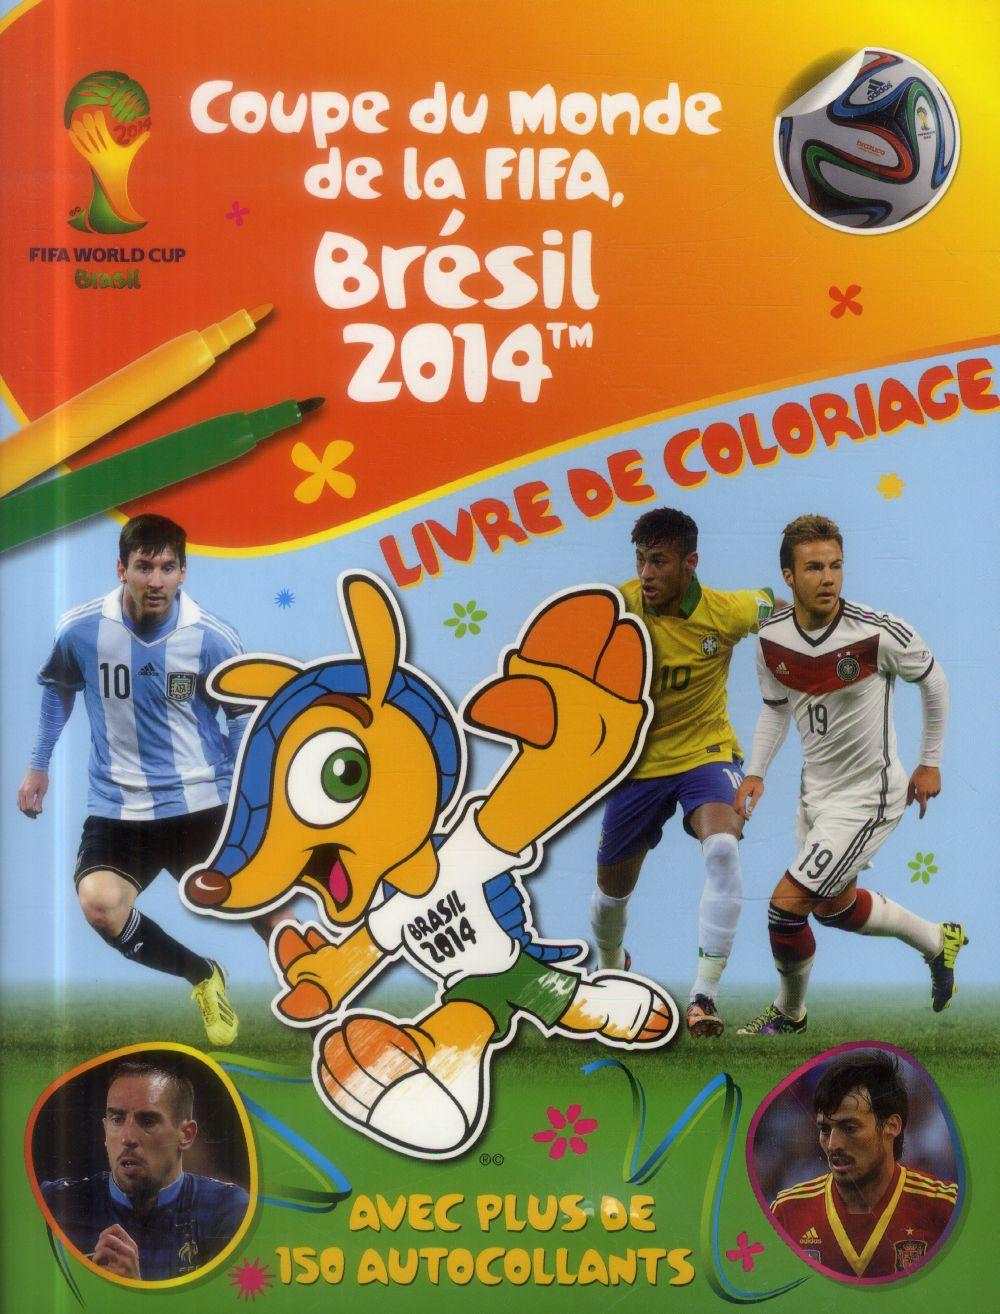 Coupe du monde de la FIFA ; Brésil 2014 ; livre de coloriage